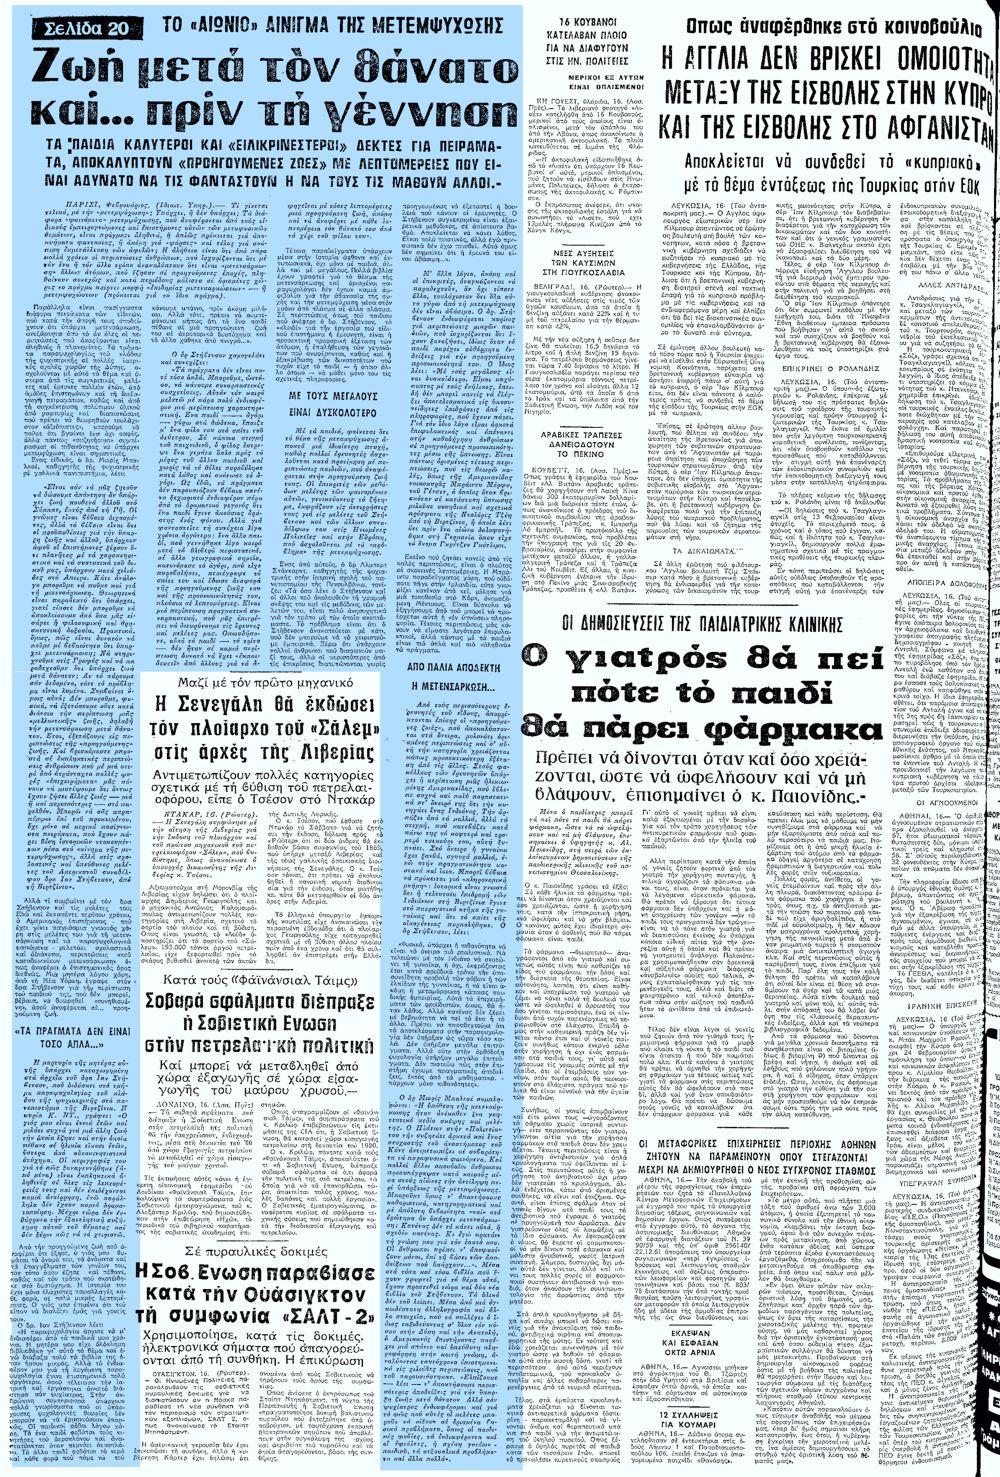 """Το άρθρο, όπως δημοσιεύθηκε στην εφημερίδα """"ΜΑΚΕΔΟΝΙΑ"""", στις 17/07/1980"""